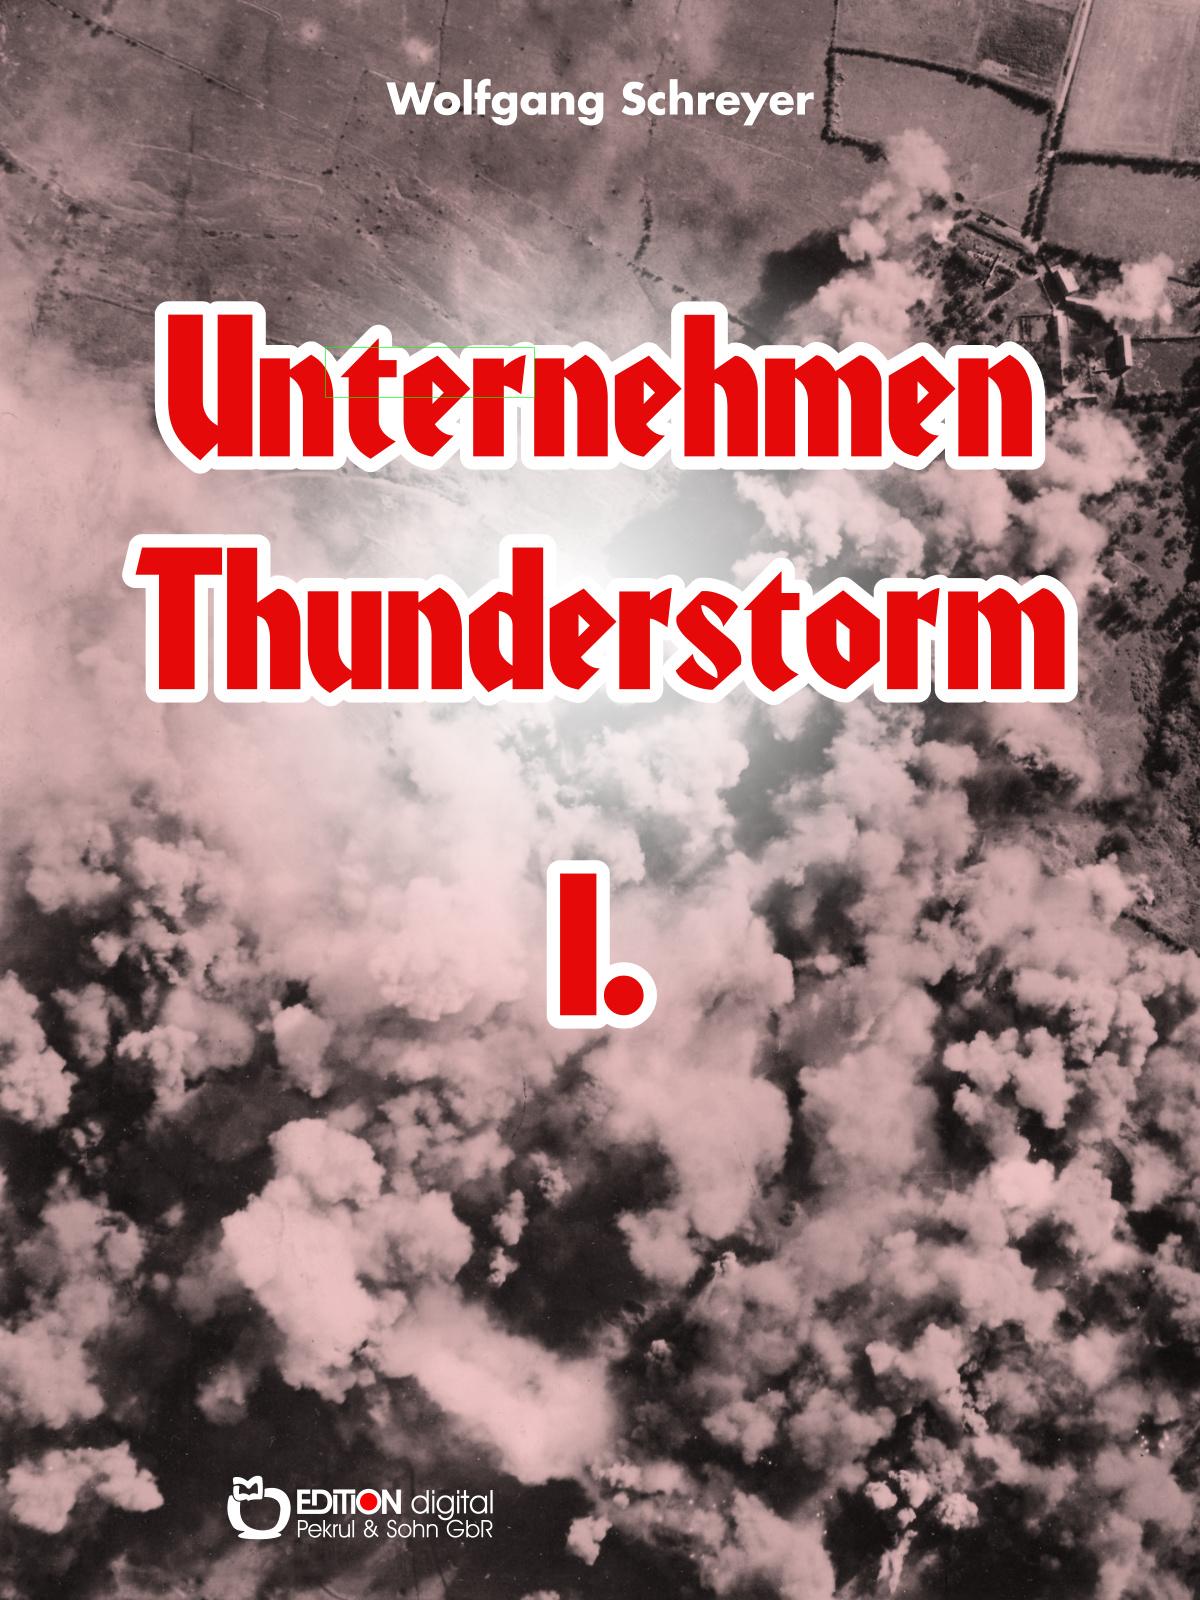 Unternehmen Thunderstorm, Band 1. Roman von Wolfgang Schreyer